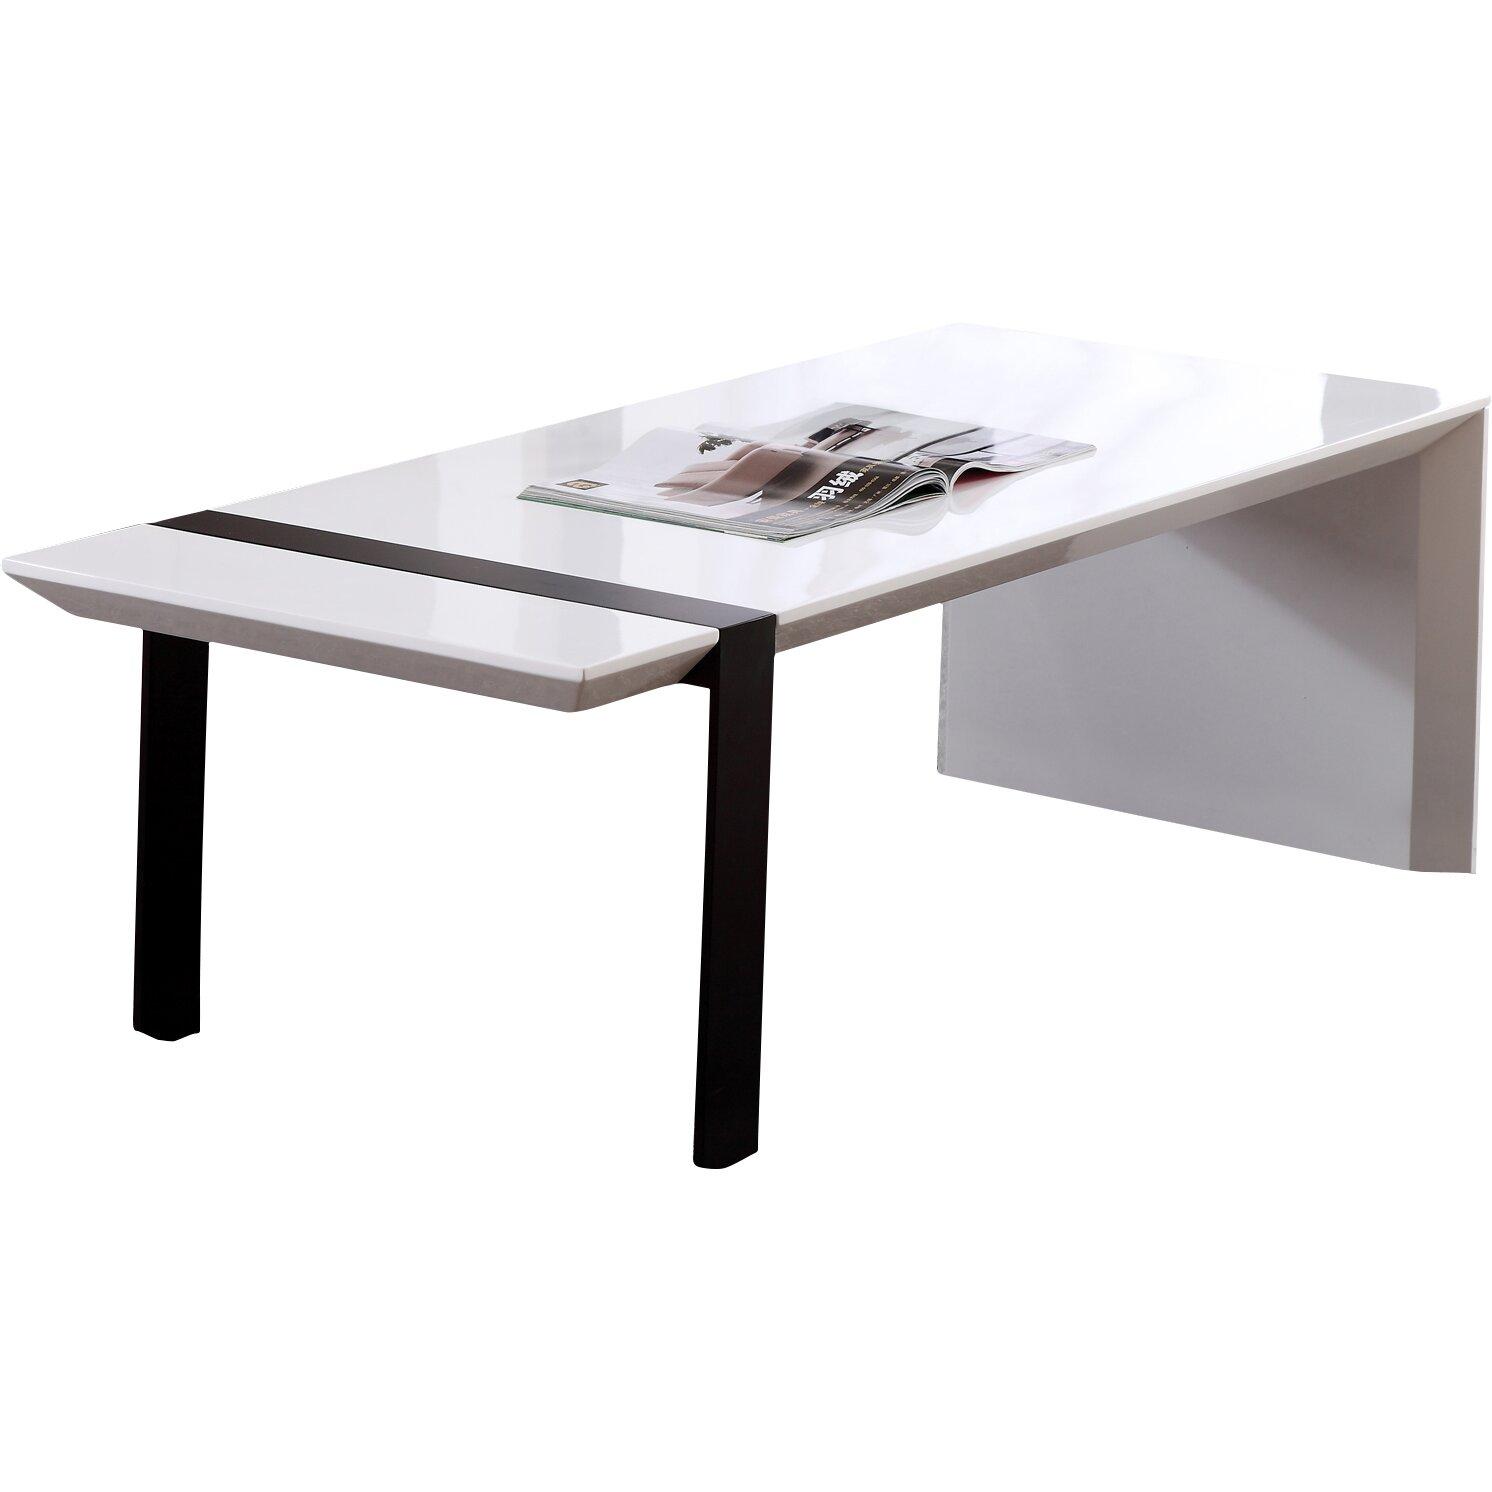 Wayfair Coffee Table Gus Metric 28